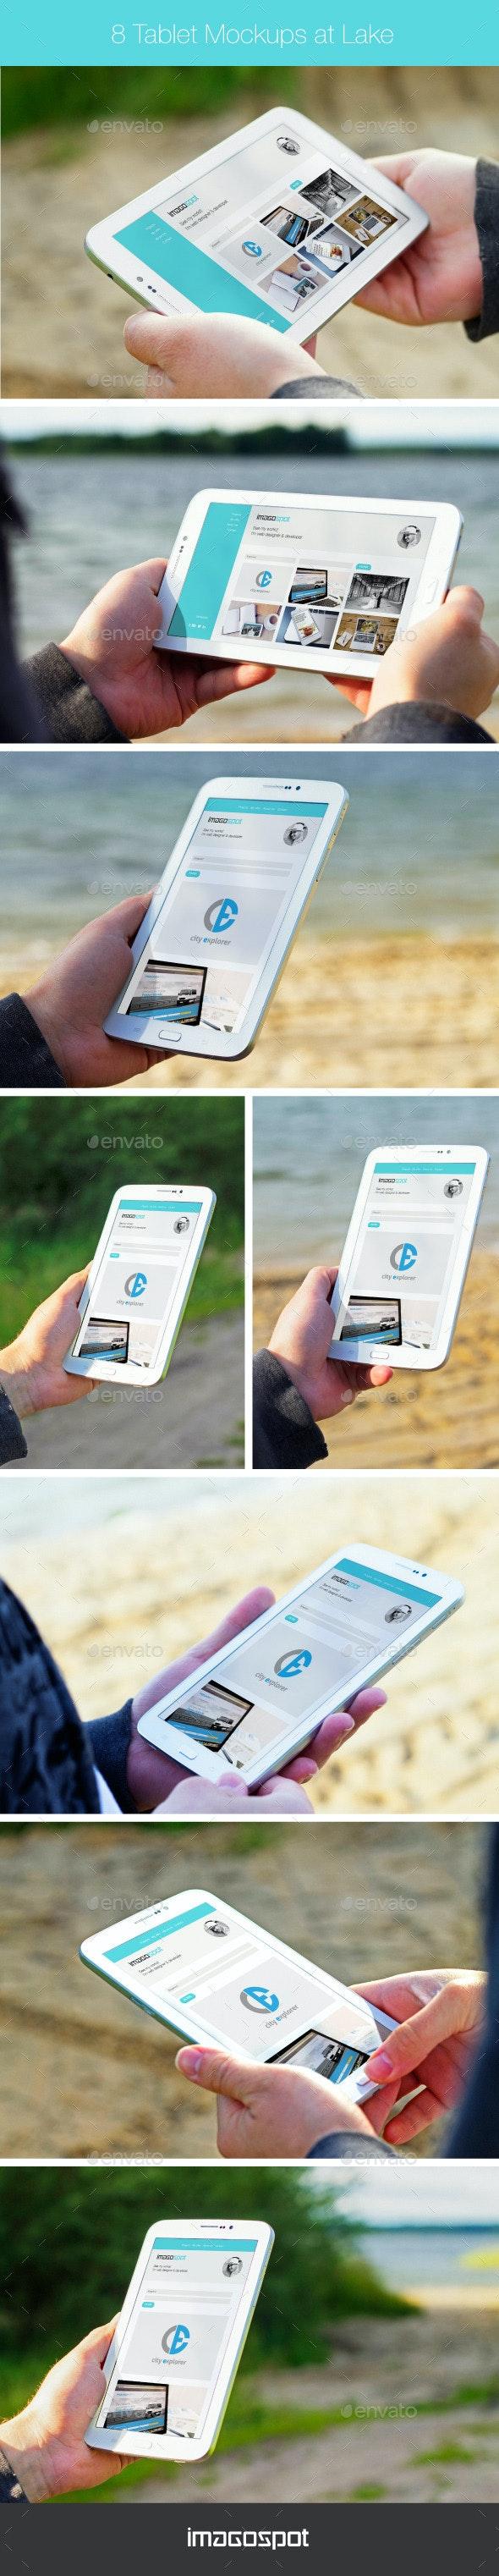 8 Outdoor Tablet Mock-ups in Hand - Mobile Displays